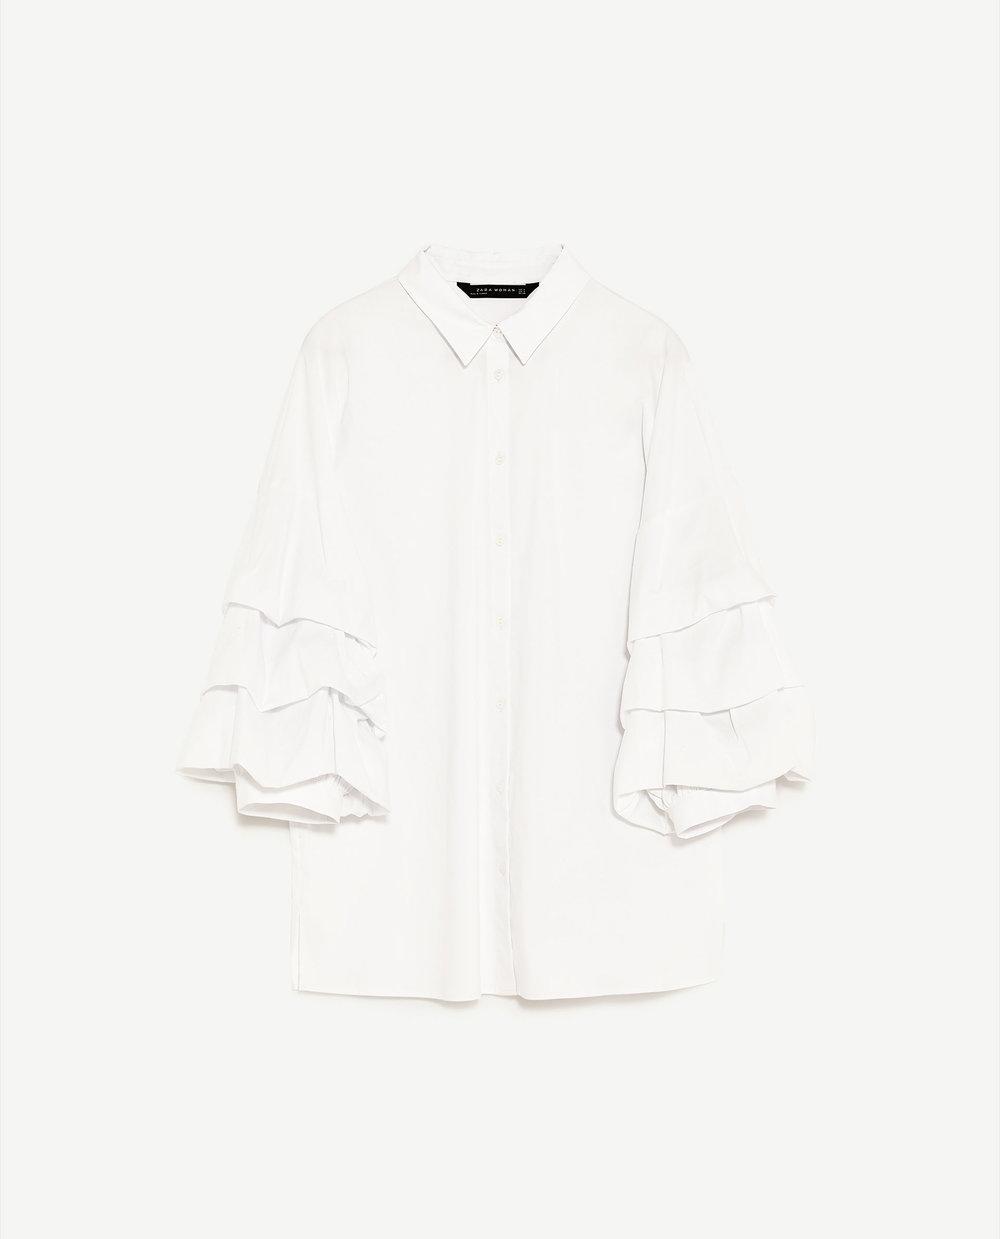 Camisa em algodão com mangas plissadas, 29,95€